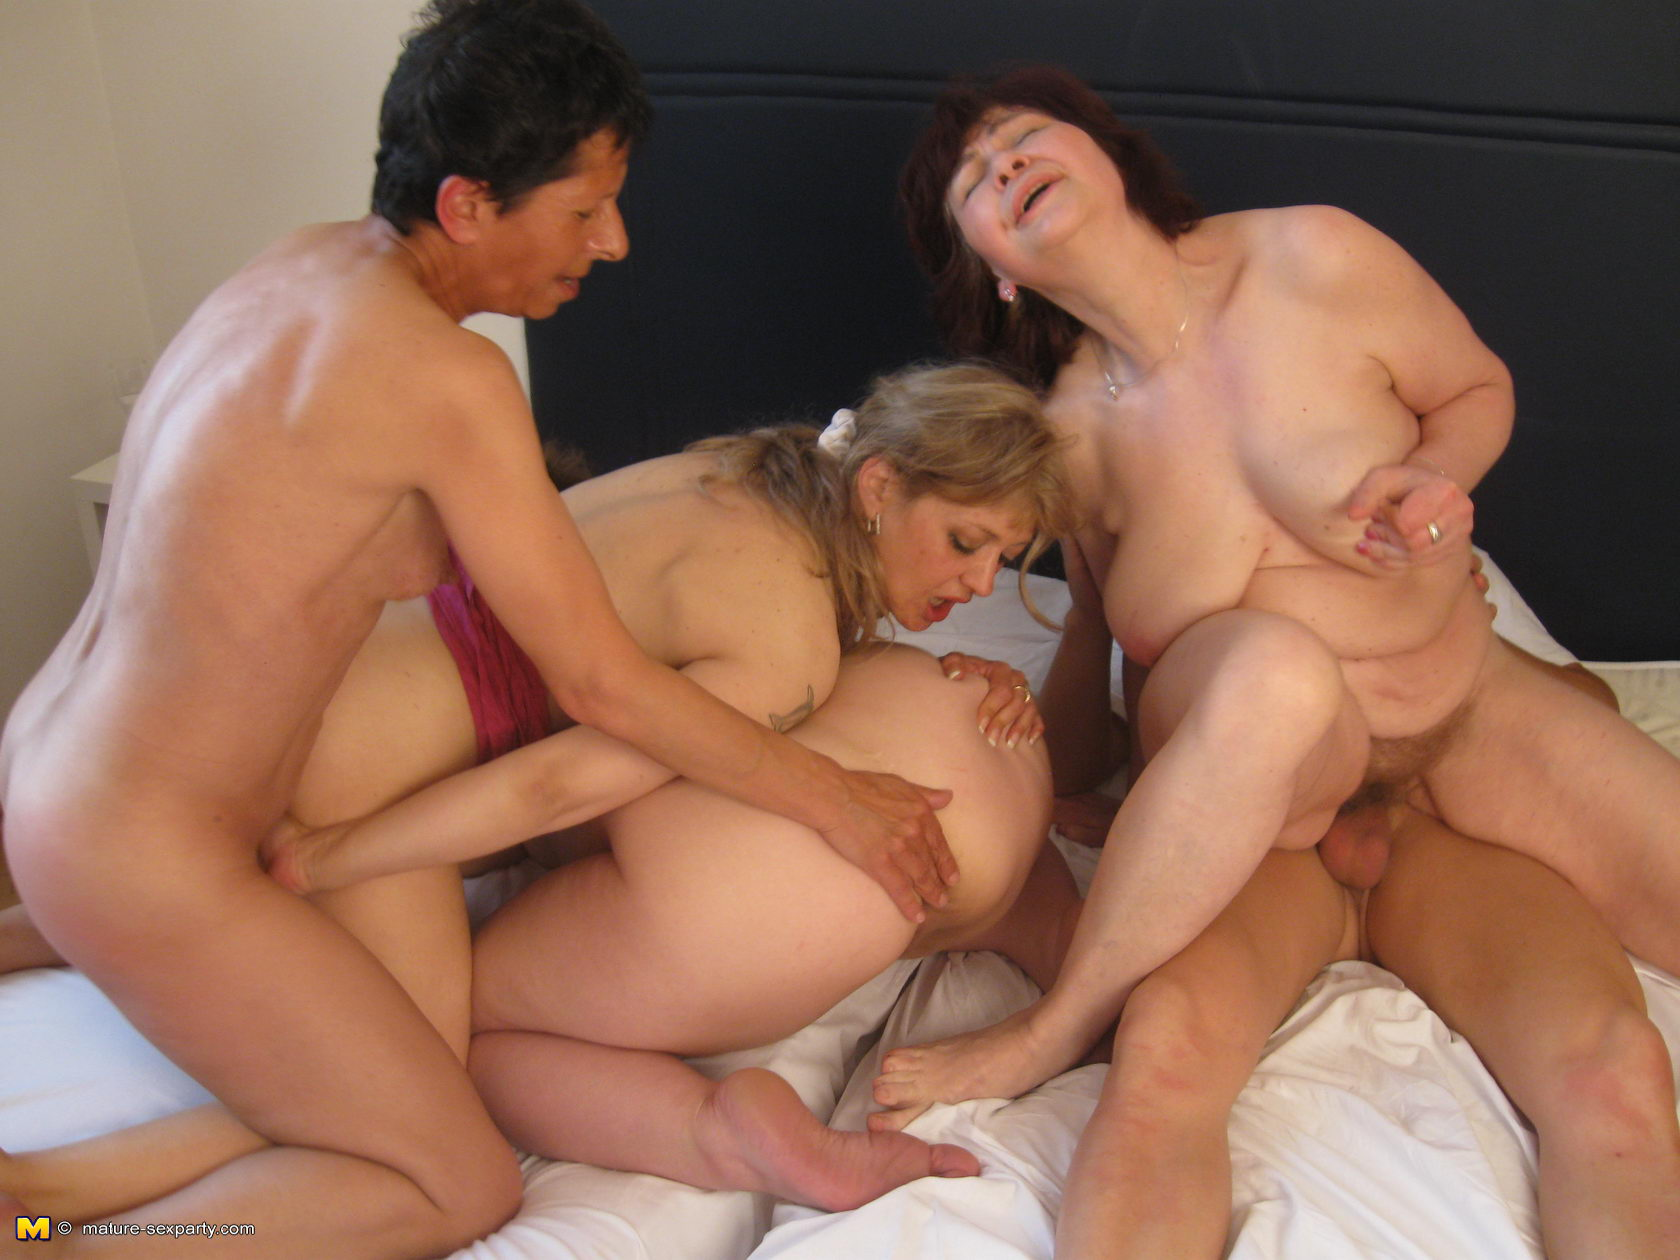 Секс в доме онлайн бабушки 14 фотография